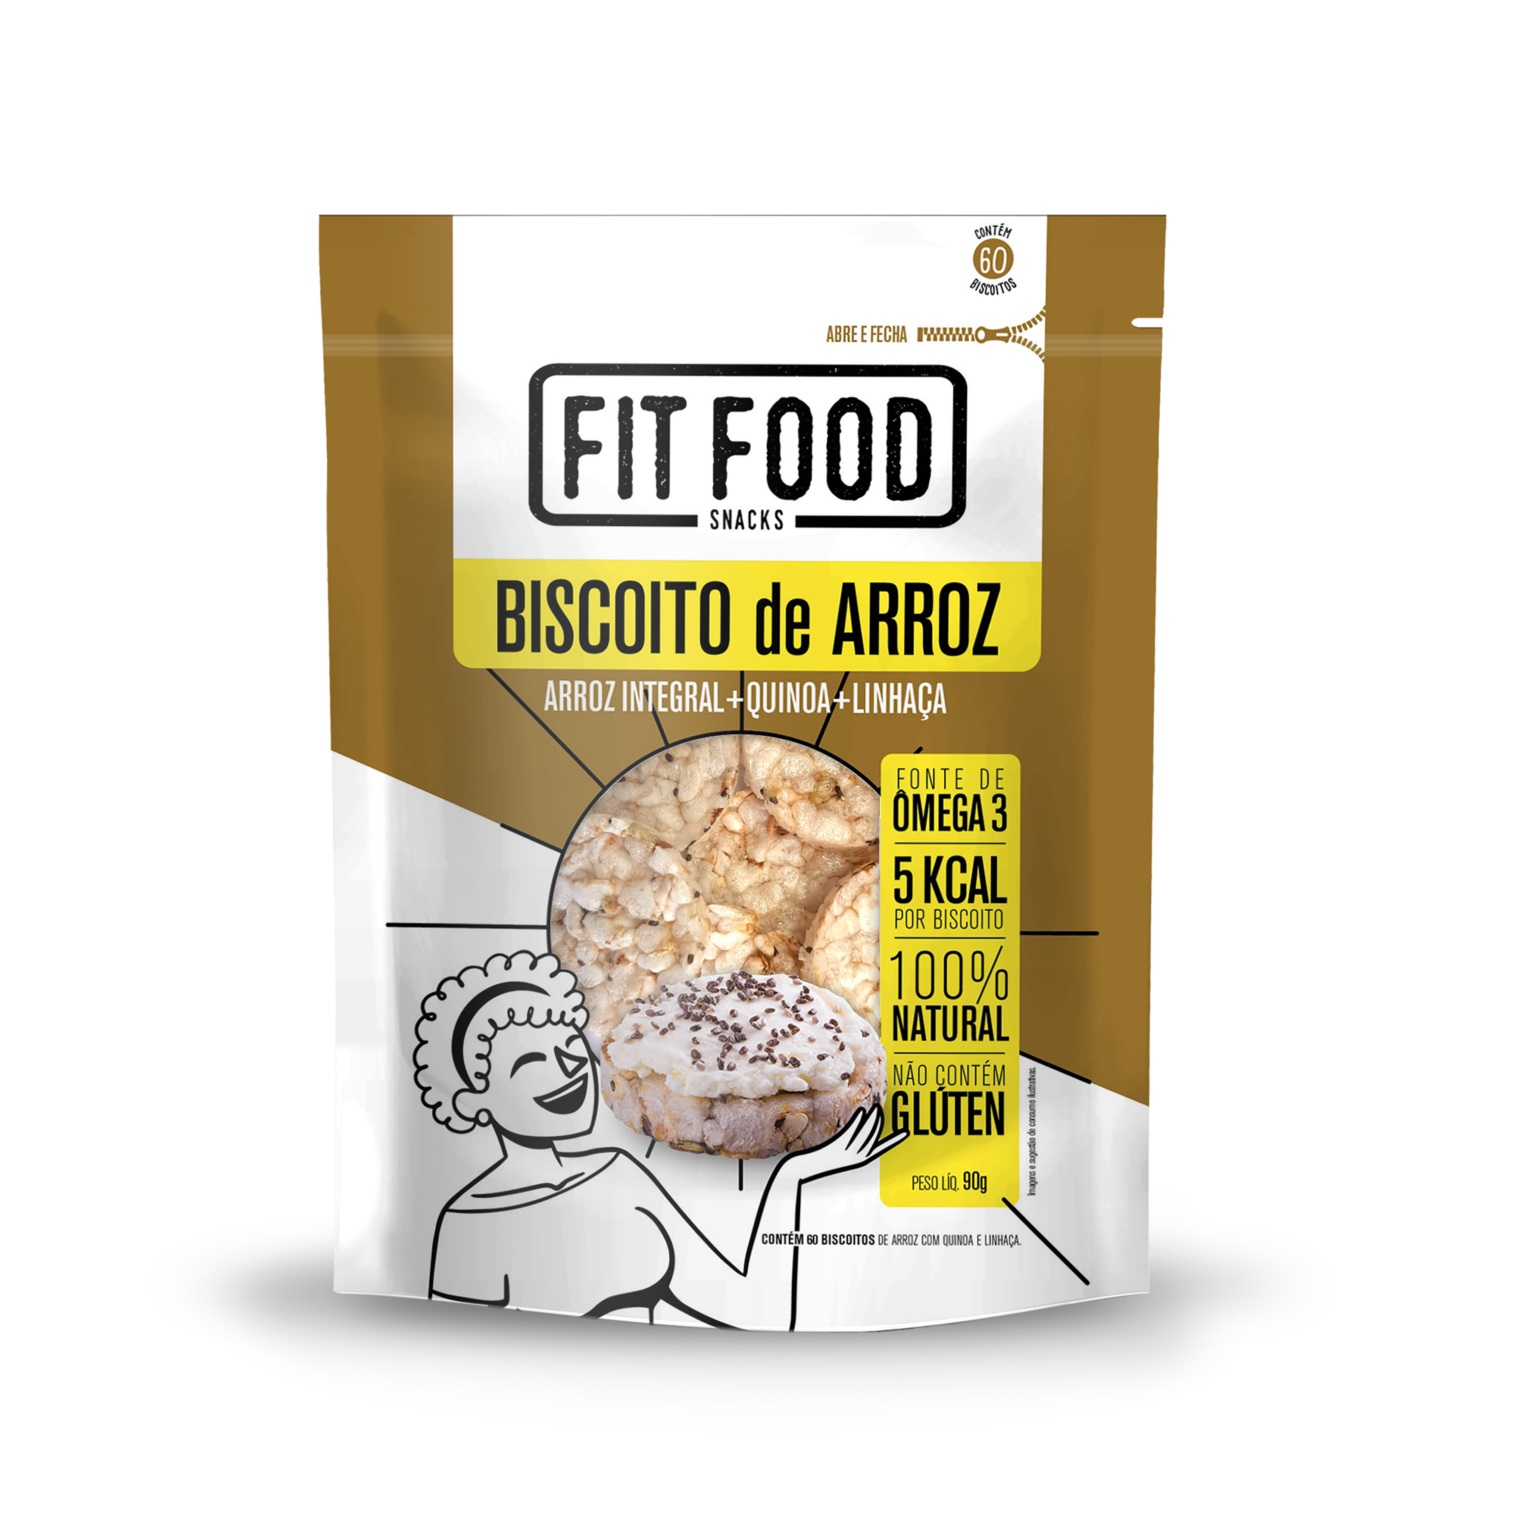 Biscoito de Arroz Com Quinoa e Linhaça (90g) - Fit Food